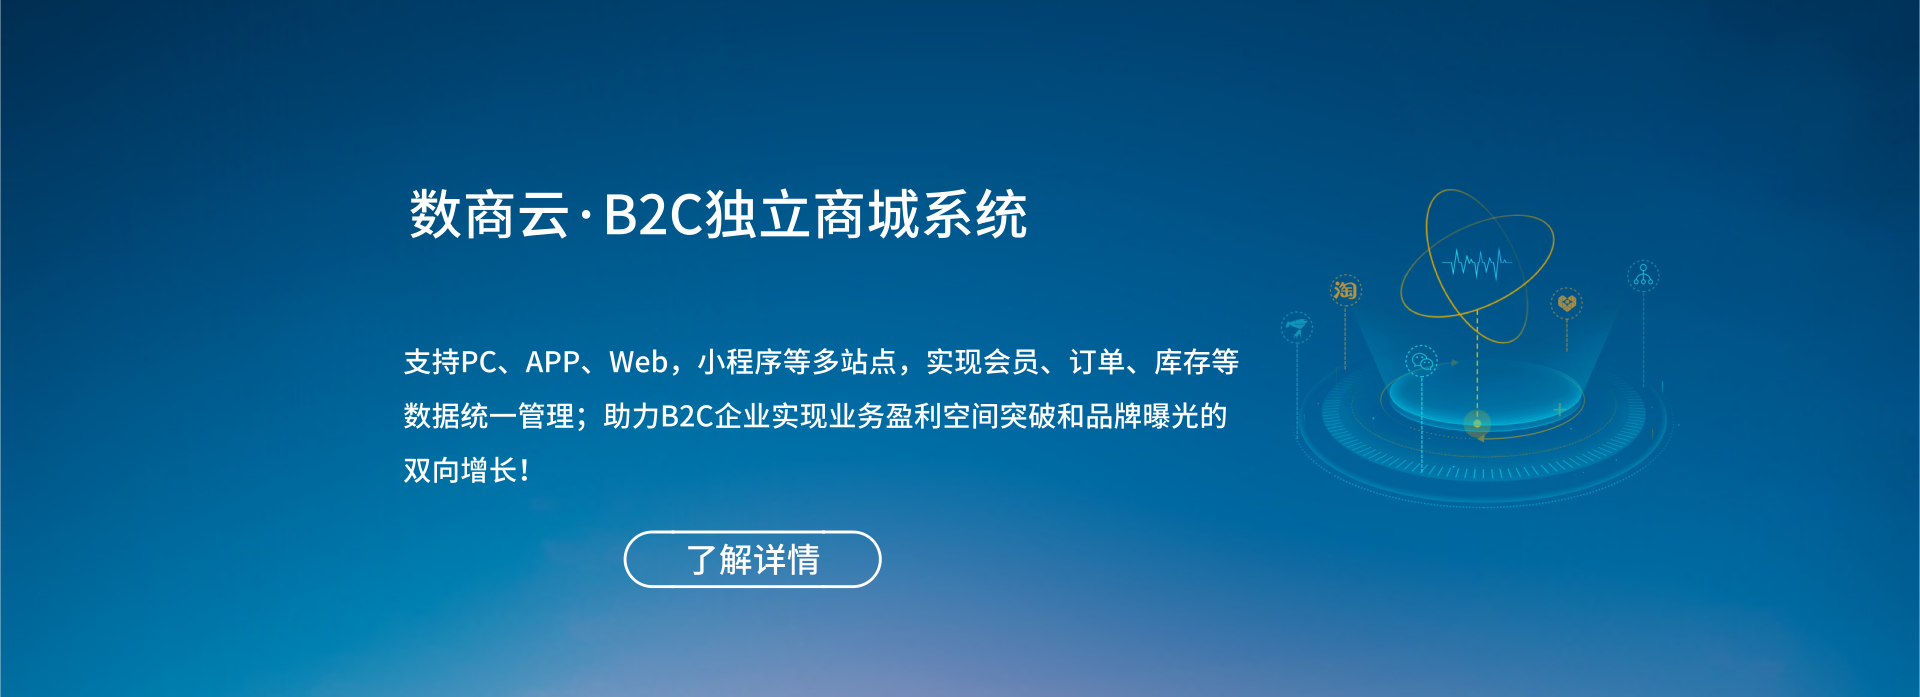 B2C商城网站系统